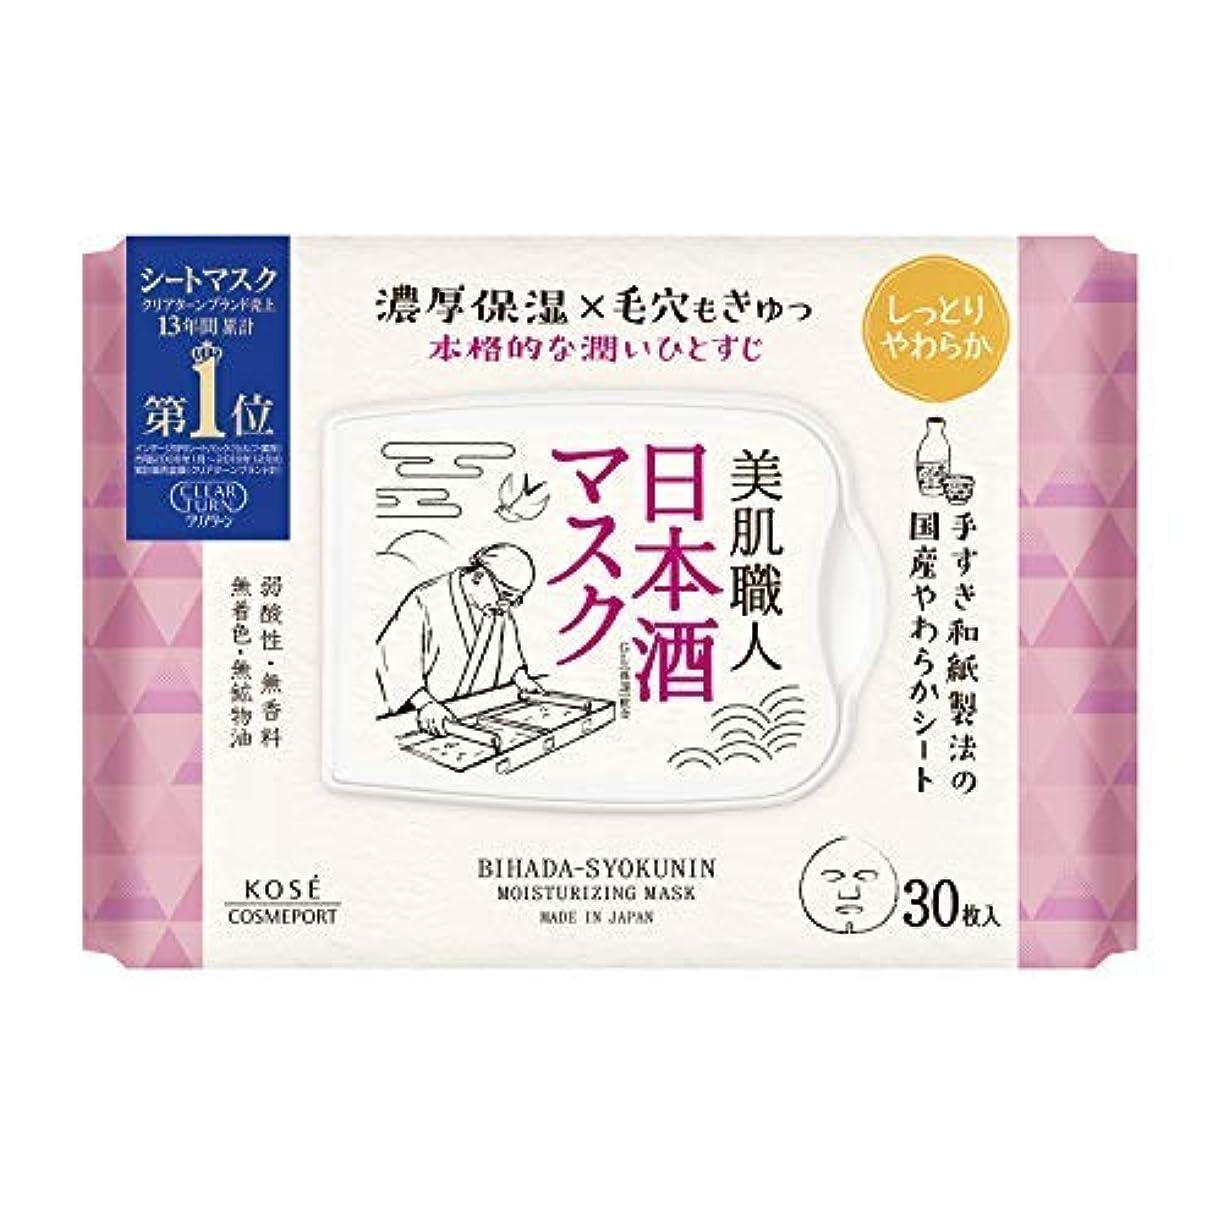 日タックルカールクリアターン 美肌職人日本酒マスク × 12個セット